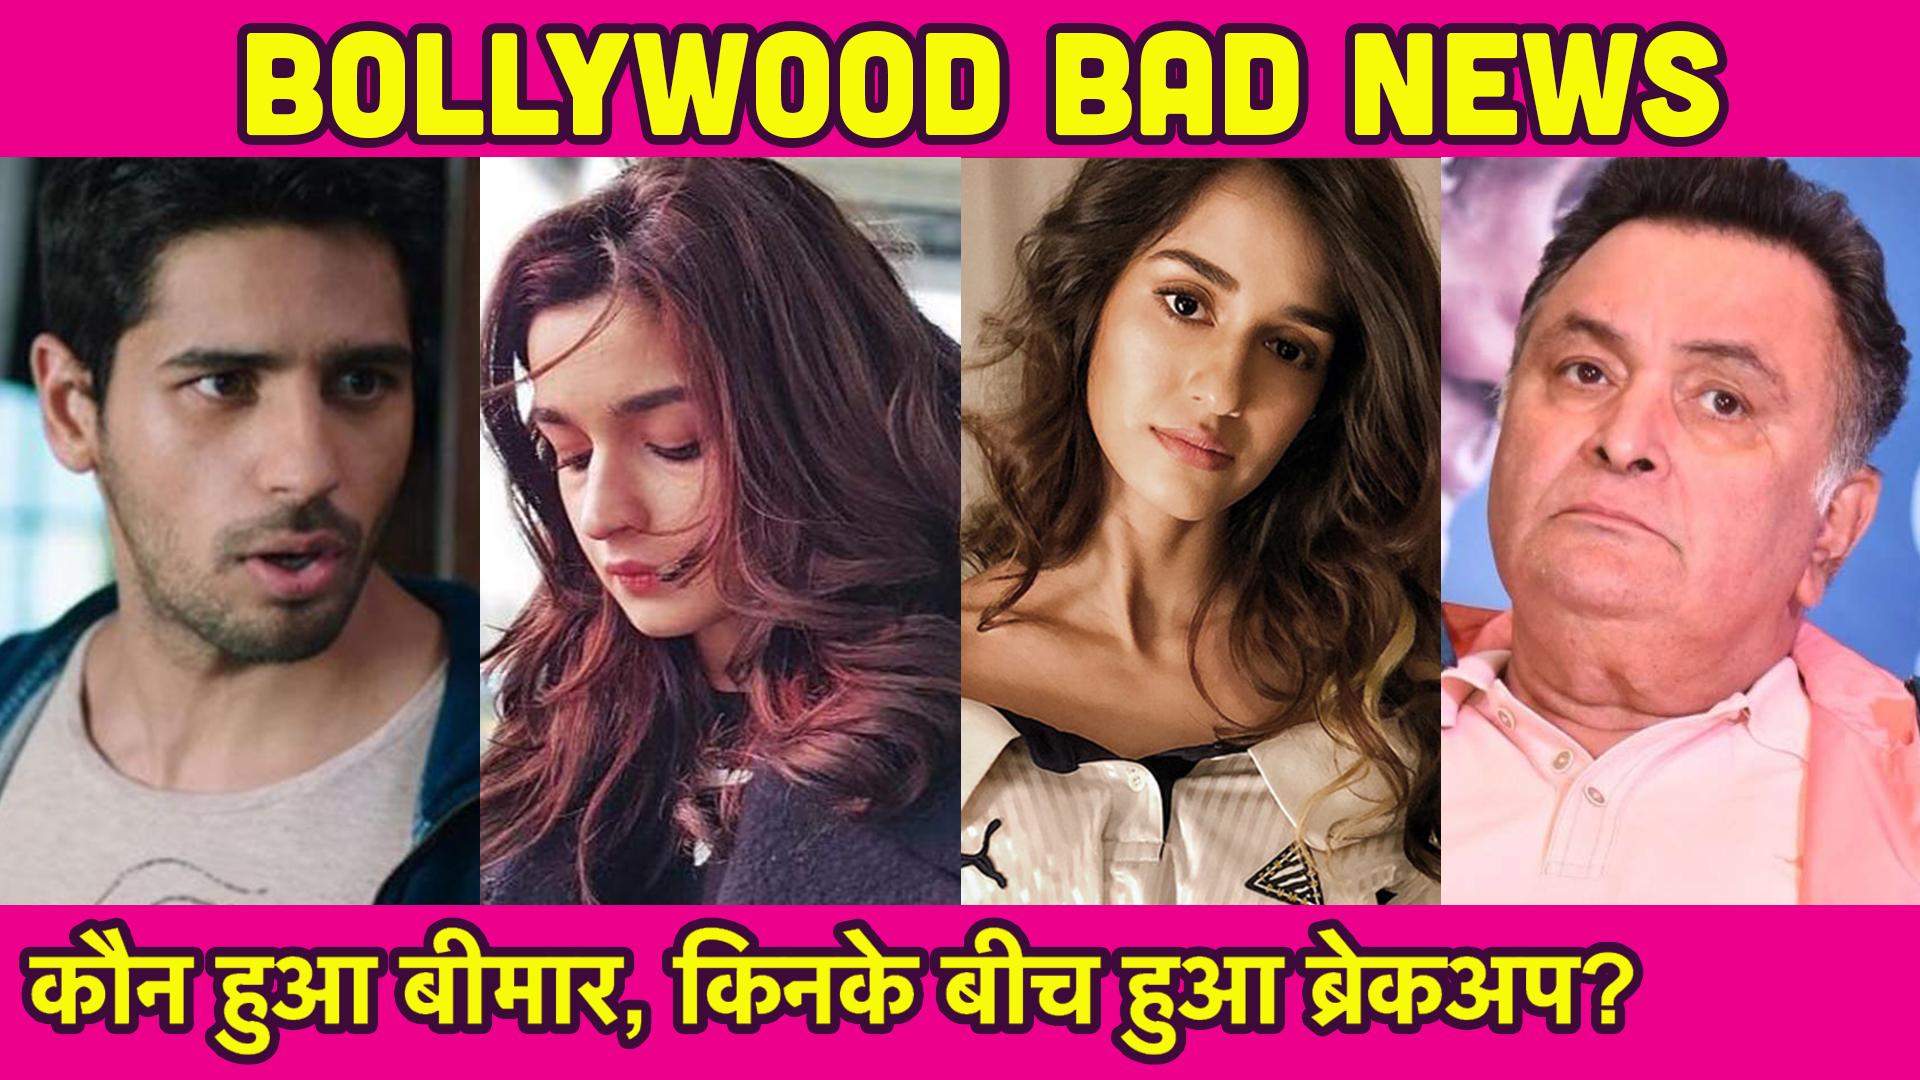 कौन हुआ बीमार, किनके बीच हुआ ब्रेकअप? पढ़िए Bollywood Bad News